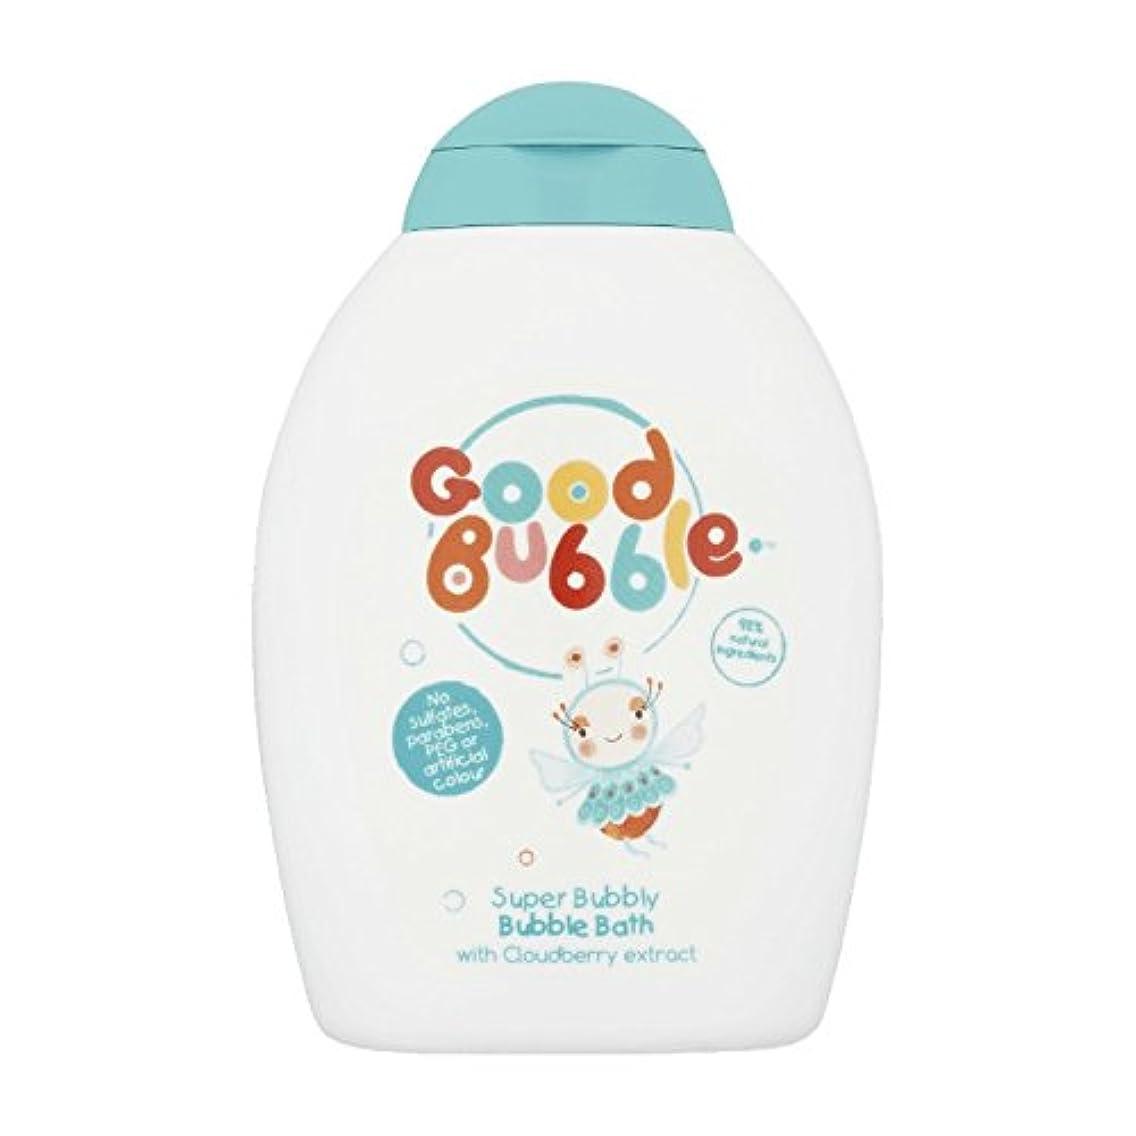 ウイルス相対性理論生き返らせる良いバブルクラウドベリーバブルバス400ミリリットル - Good Bubble Cloudberry Bubble Bath 400ml (Good Bubble) [並行輸入品]